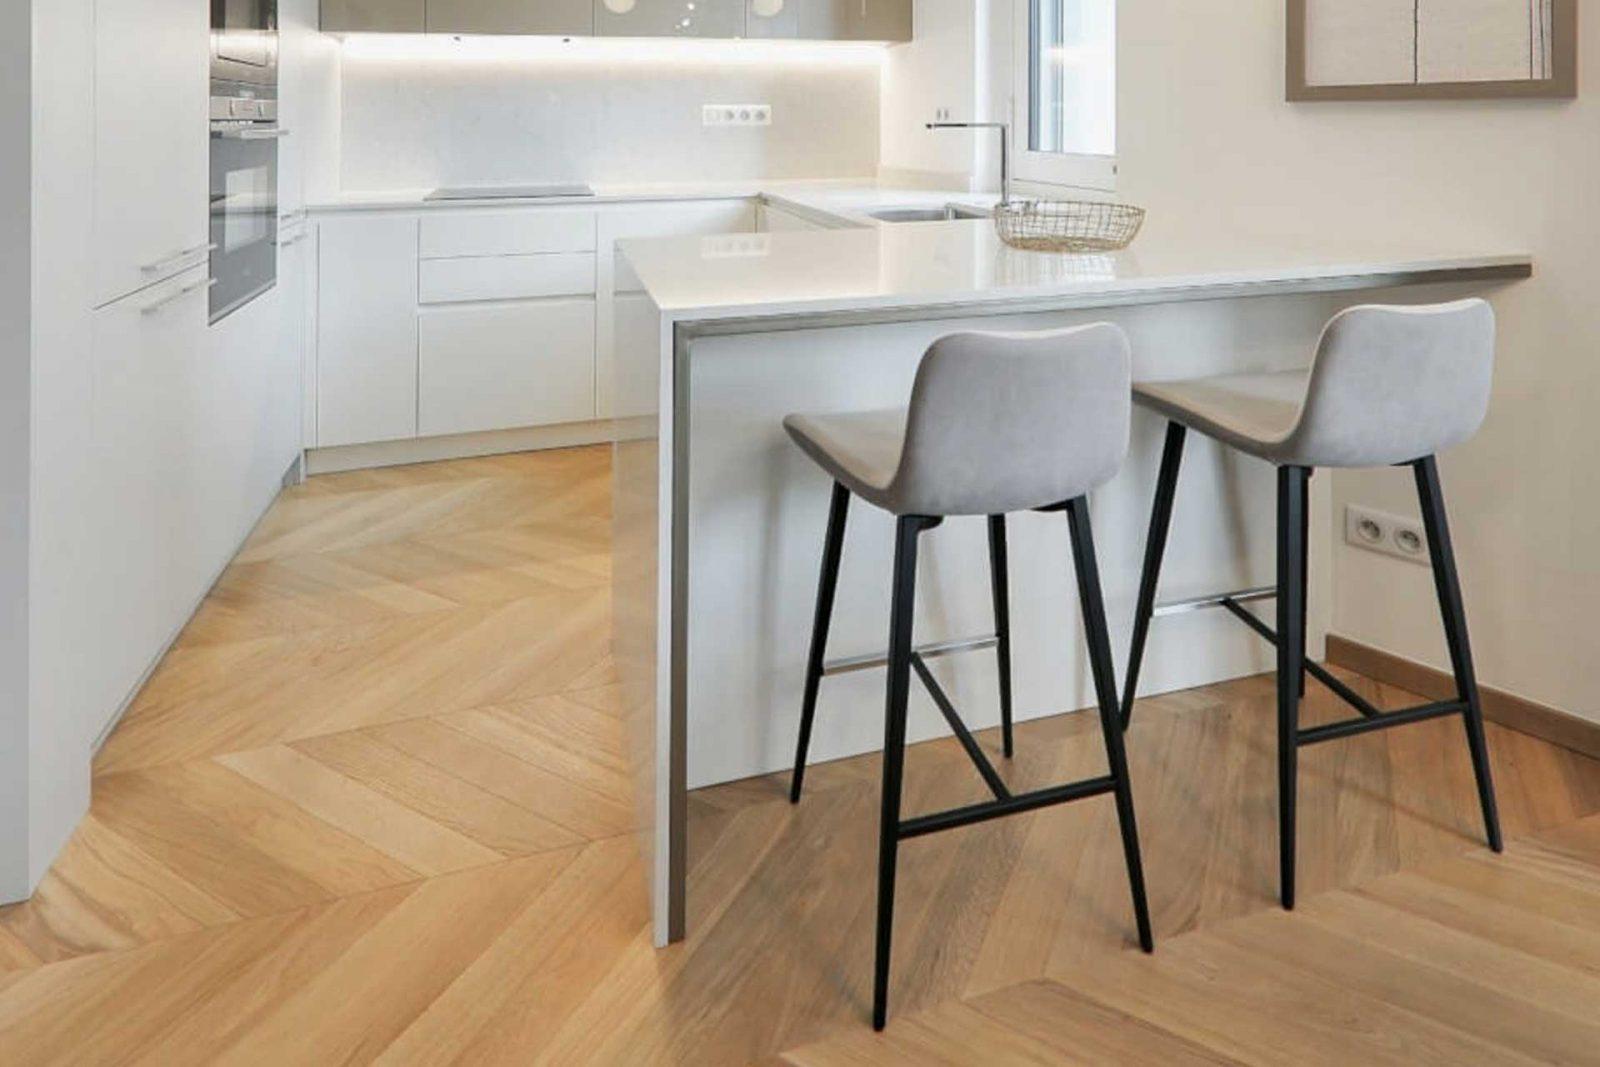 Cucina Sedie E Sgabelli.Sedie E Sgabelli Sedie Cucina Sgabelli Design Radaelli Arredamenti